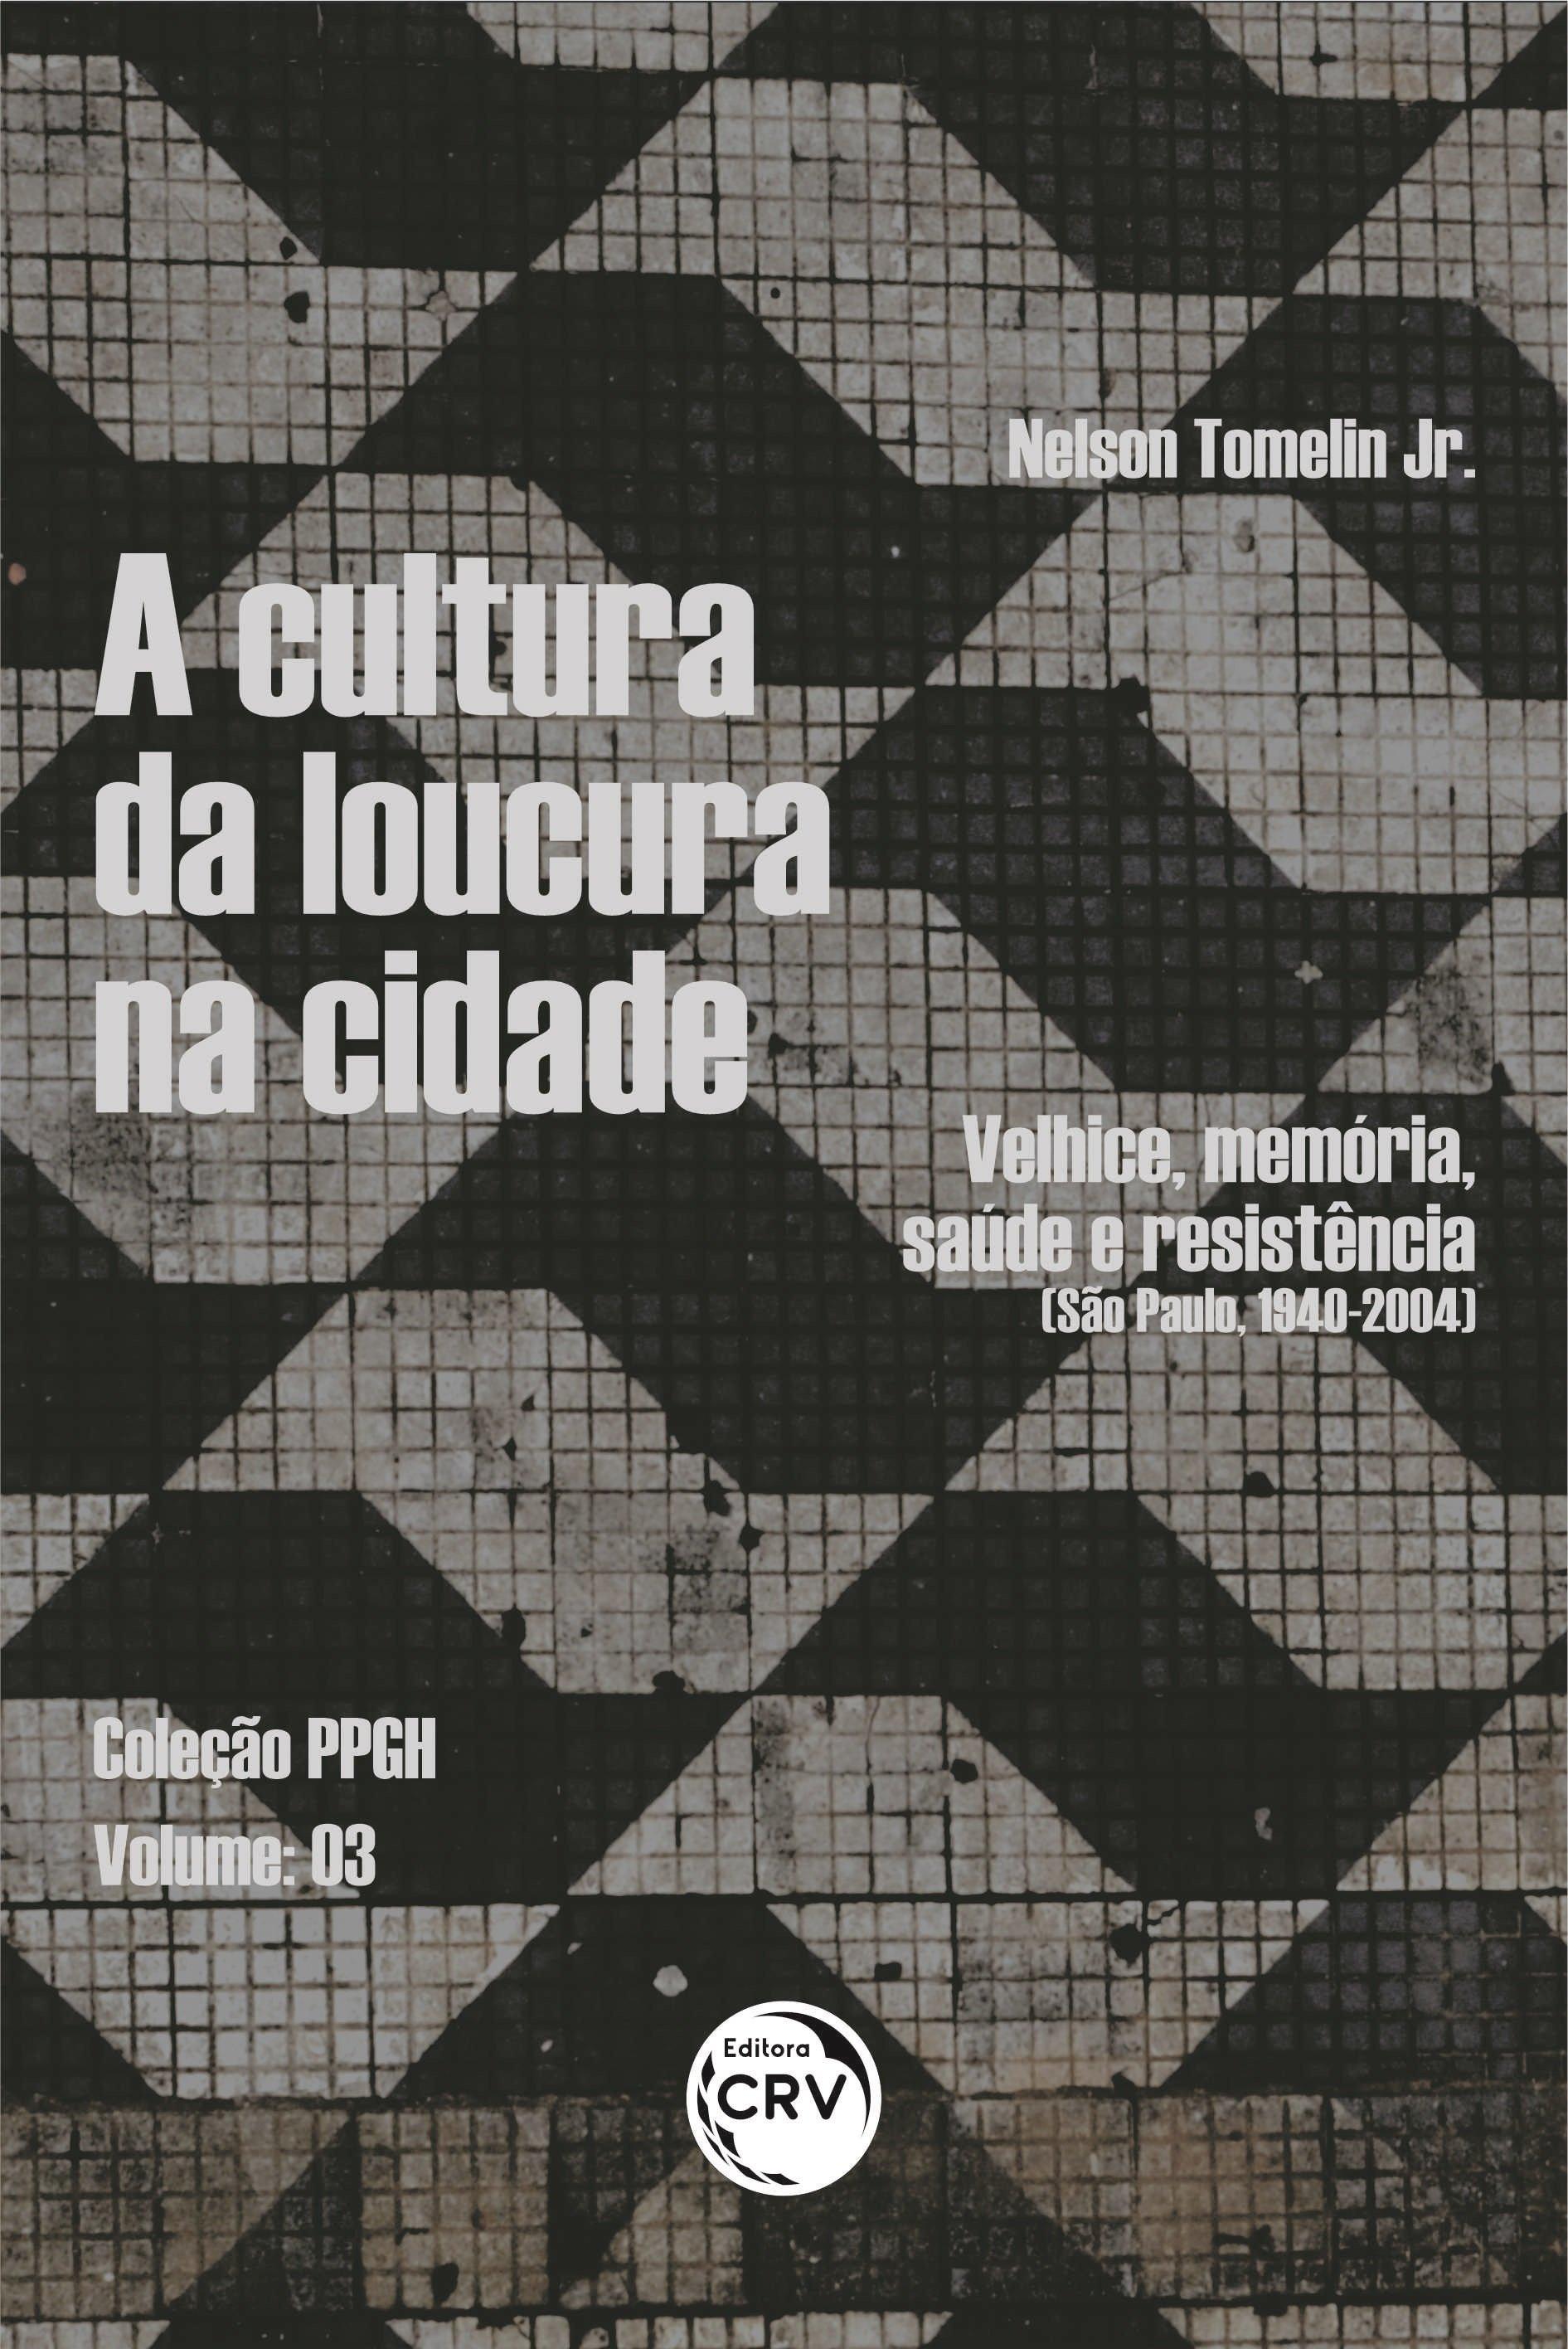 A CULTURA DA LOUCURA NA CIDADE: velhice, memória, saúde e resistência (São Paulo, 1940-2004).